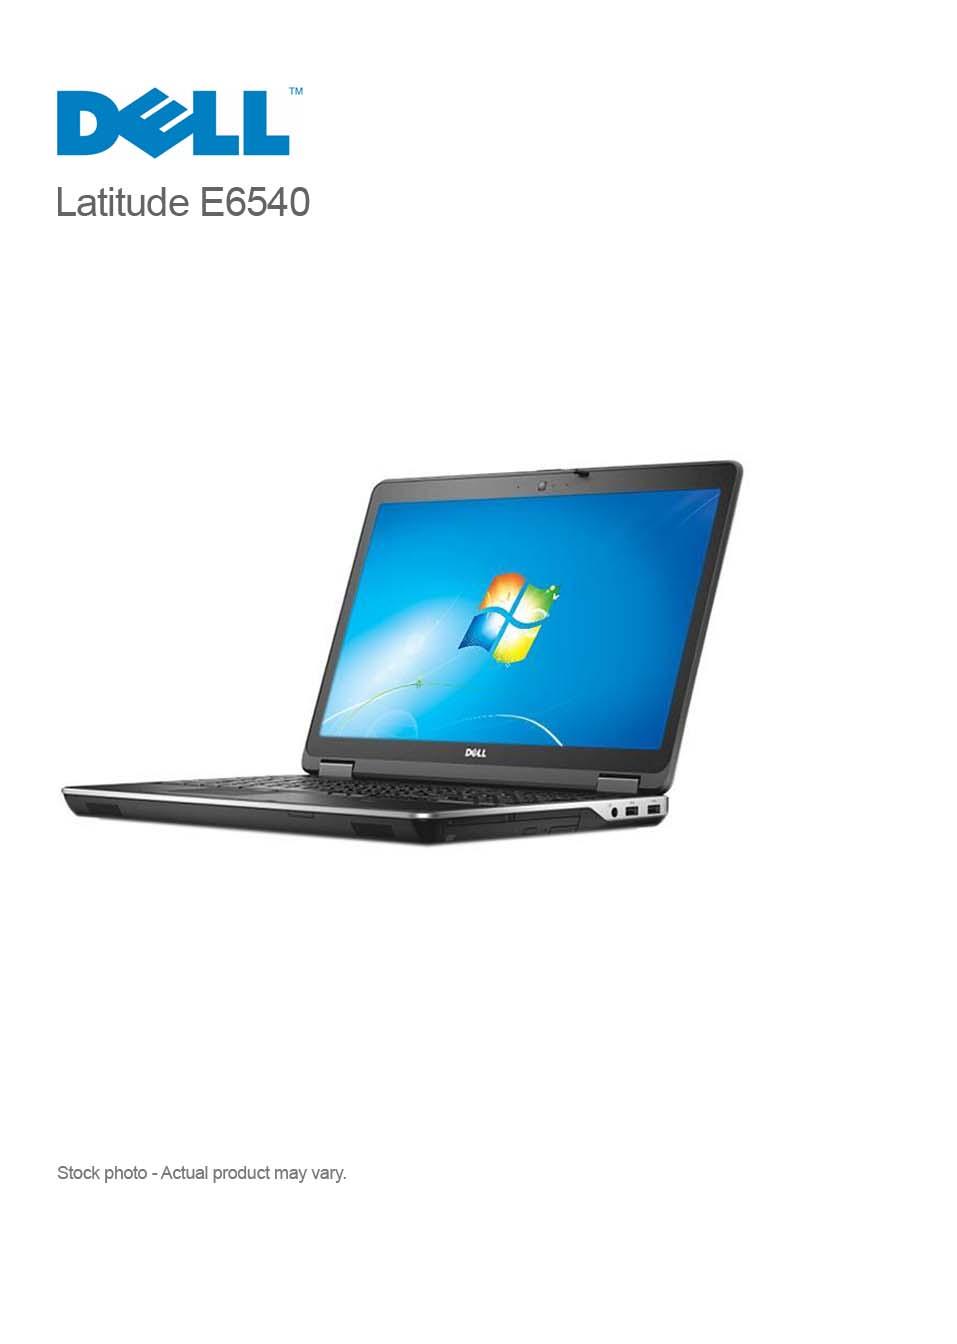 Dell Latitude E6540 Core i7-4800MQ 8GB 320 GB 15 6